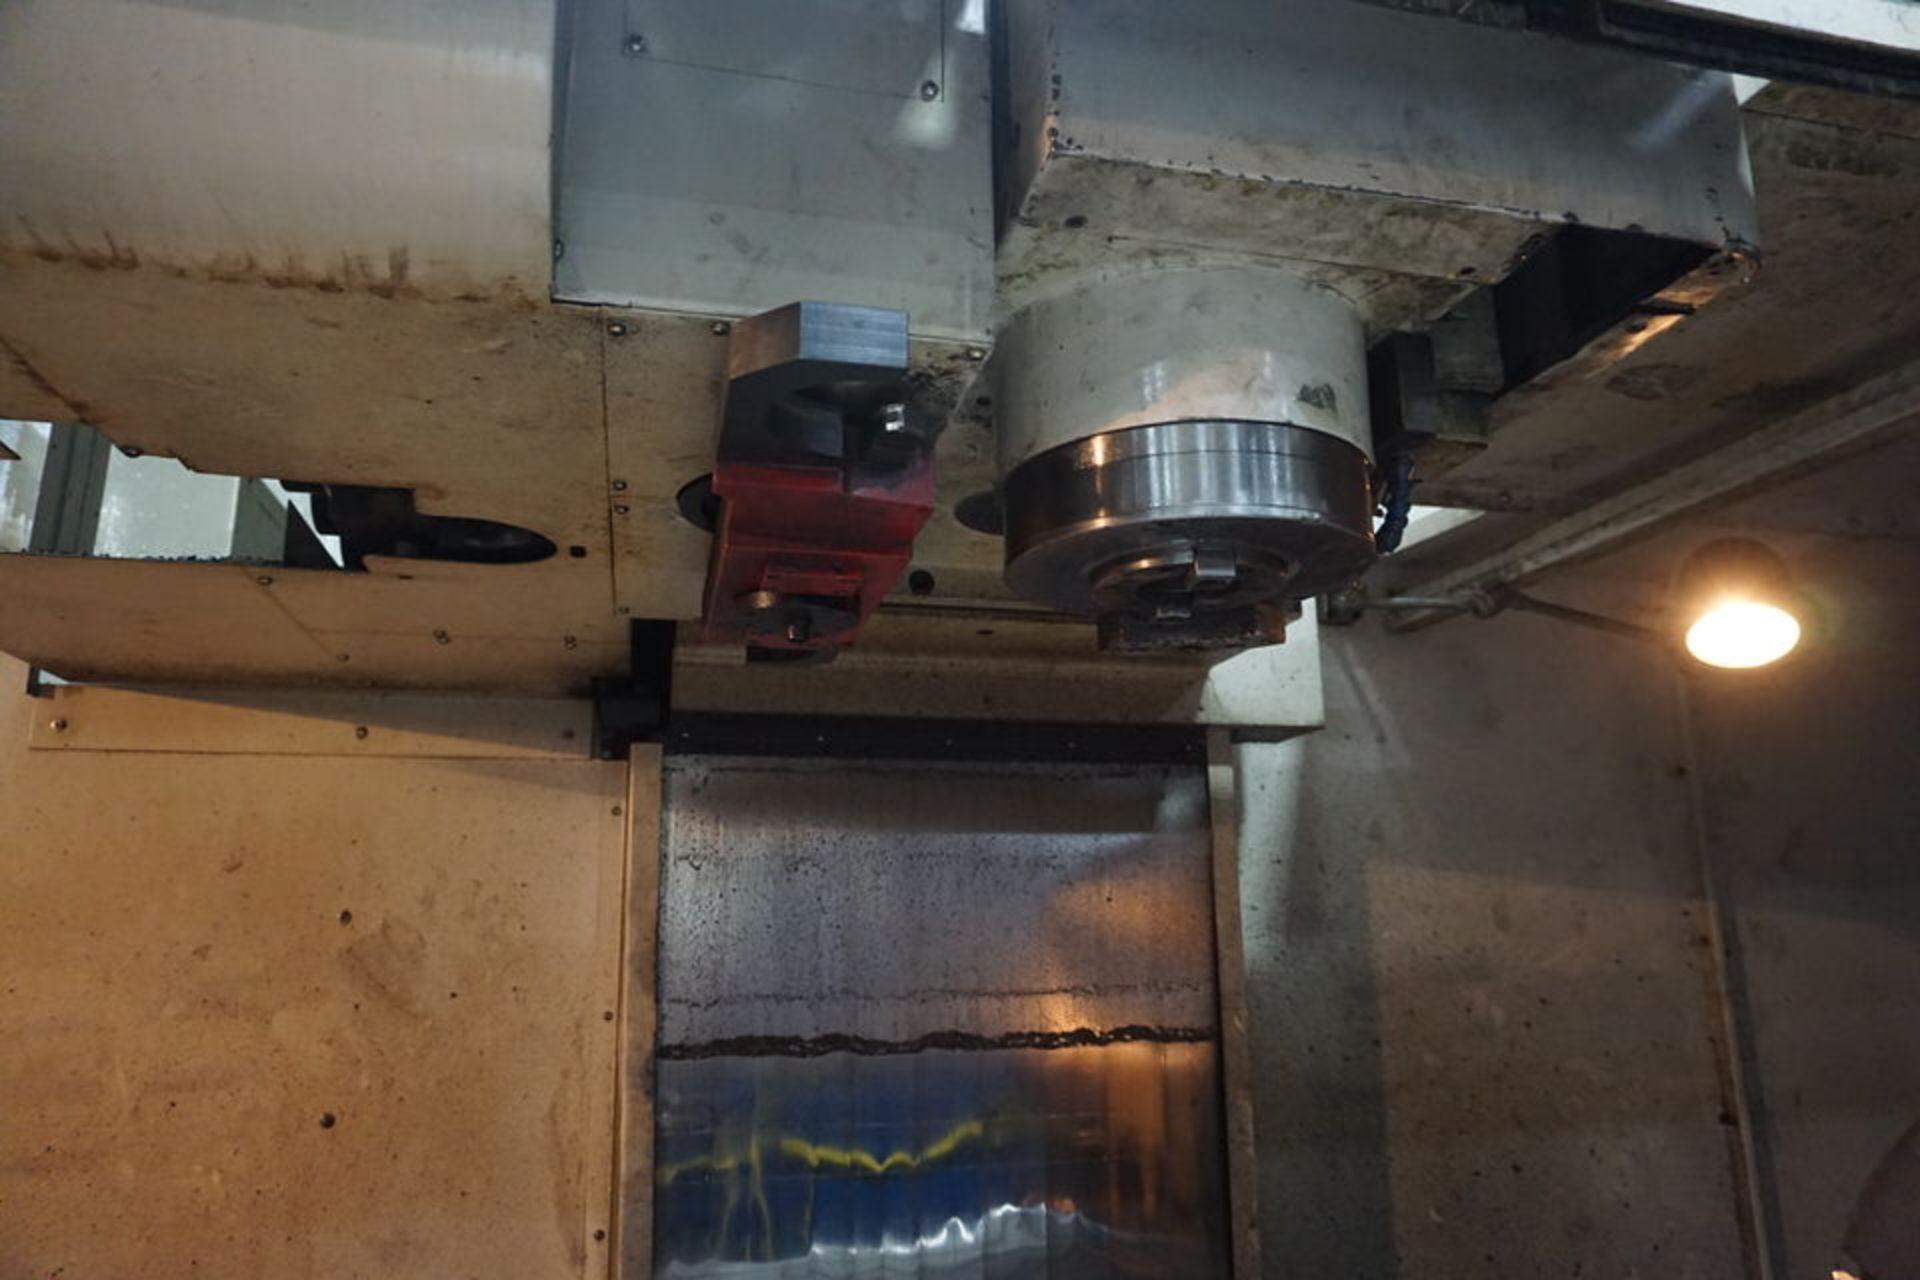 DAEWOO DMV8030S VERTICAL MACHINING CENTER (ASST#:P345105) - Image 7 of 10